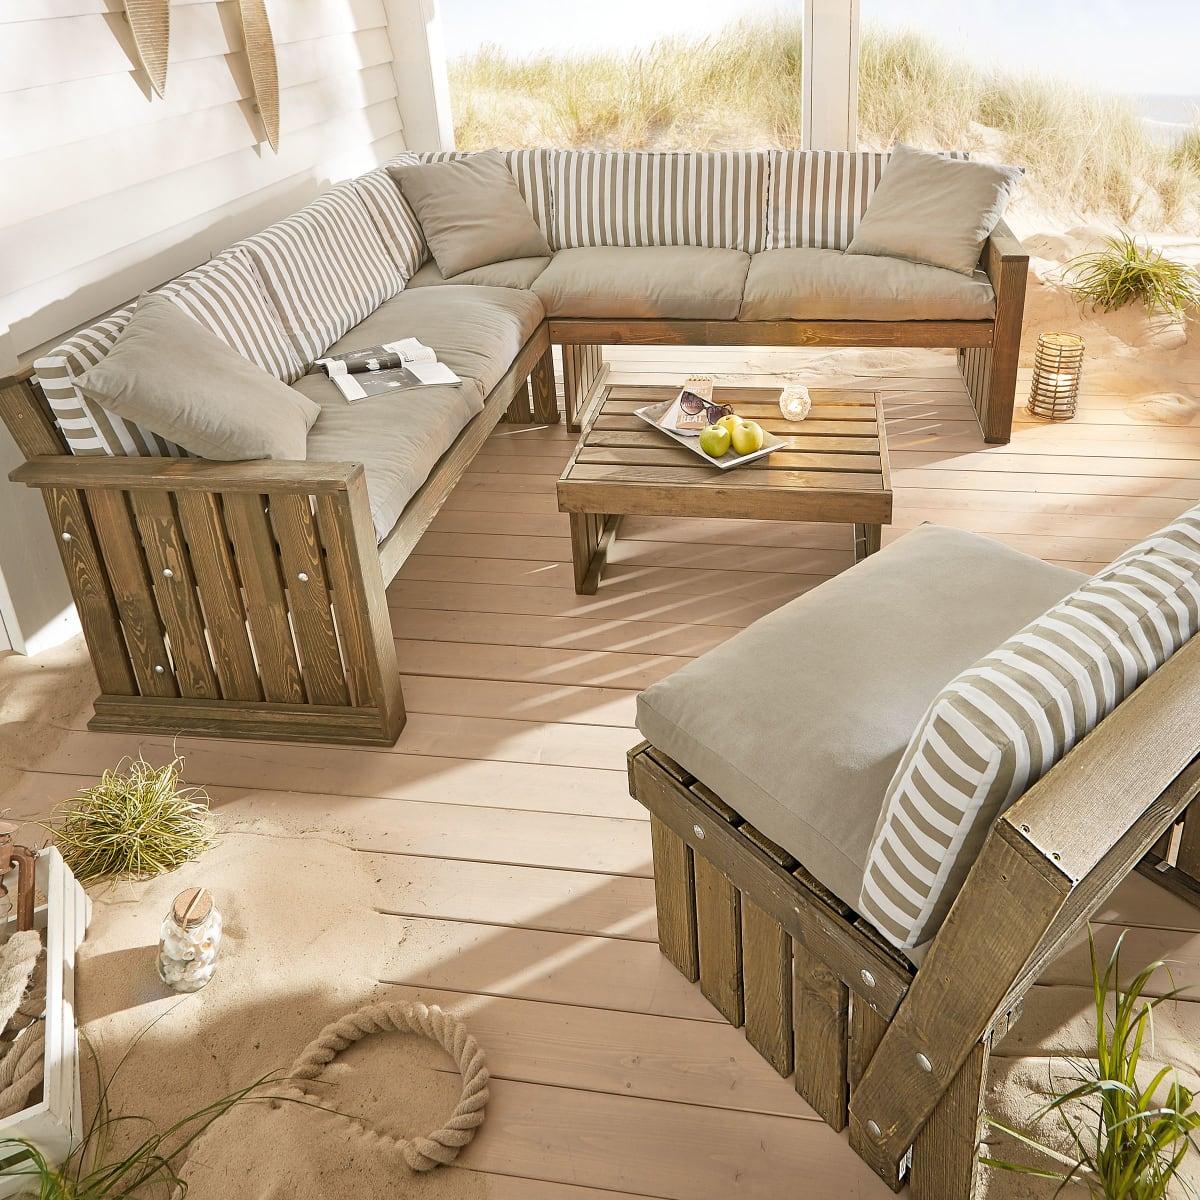 Auflagen für Garten-Sitzecke Lenja, wasserabweisend, Country-Style, 100% Baumwolle